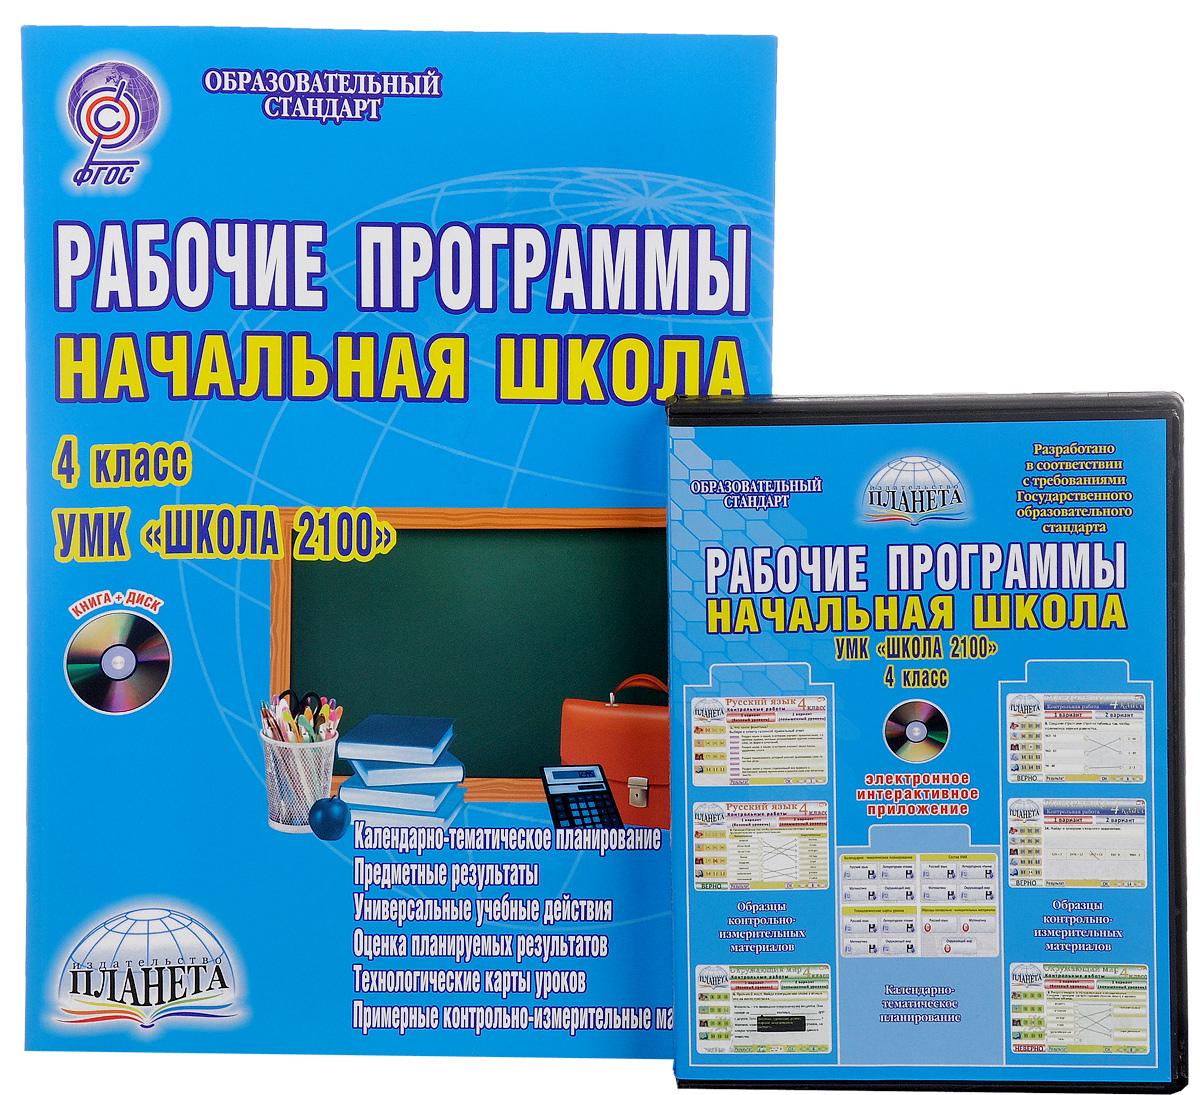 Рабочие программы по нач. школе 4 кл. УМК «Школа 2100» ФГОС + CD 978-5-91658-521-6